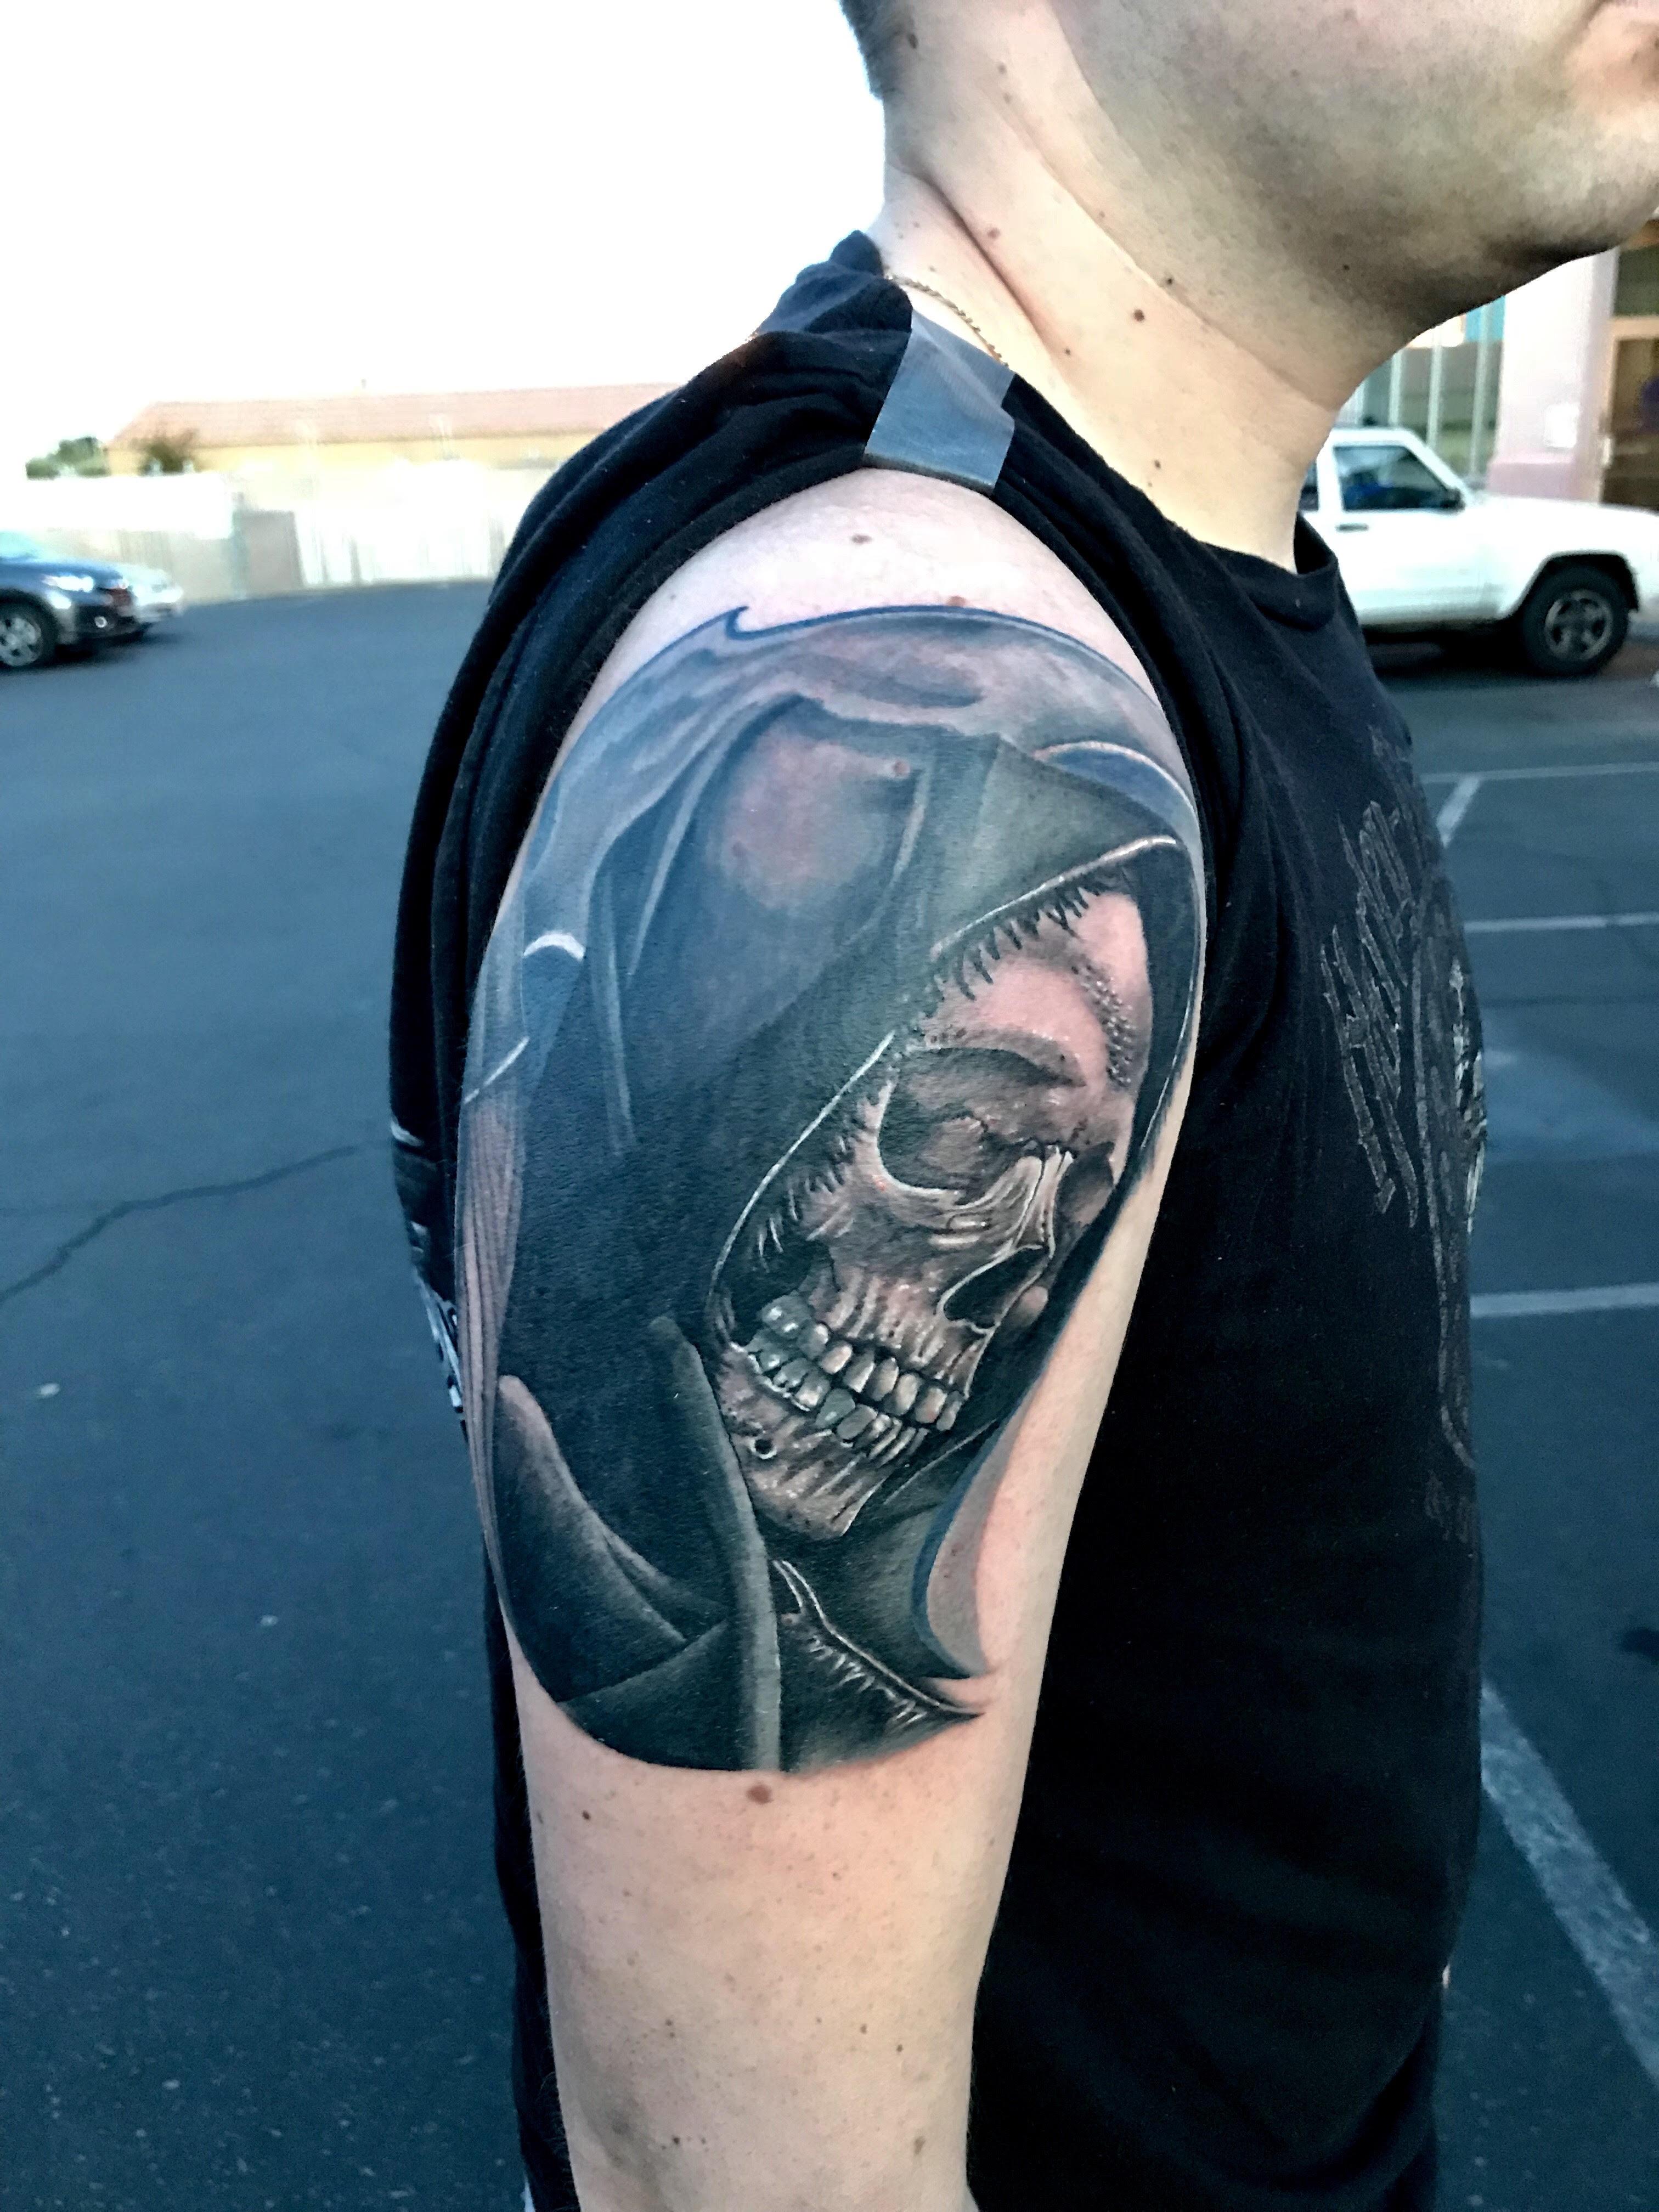 Reaper Tattoo by Krystof